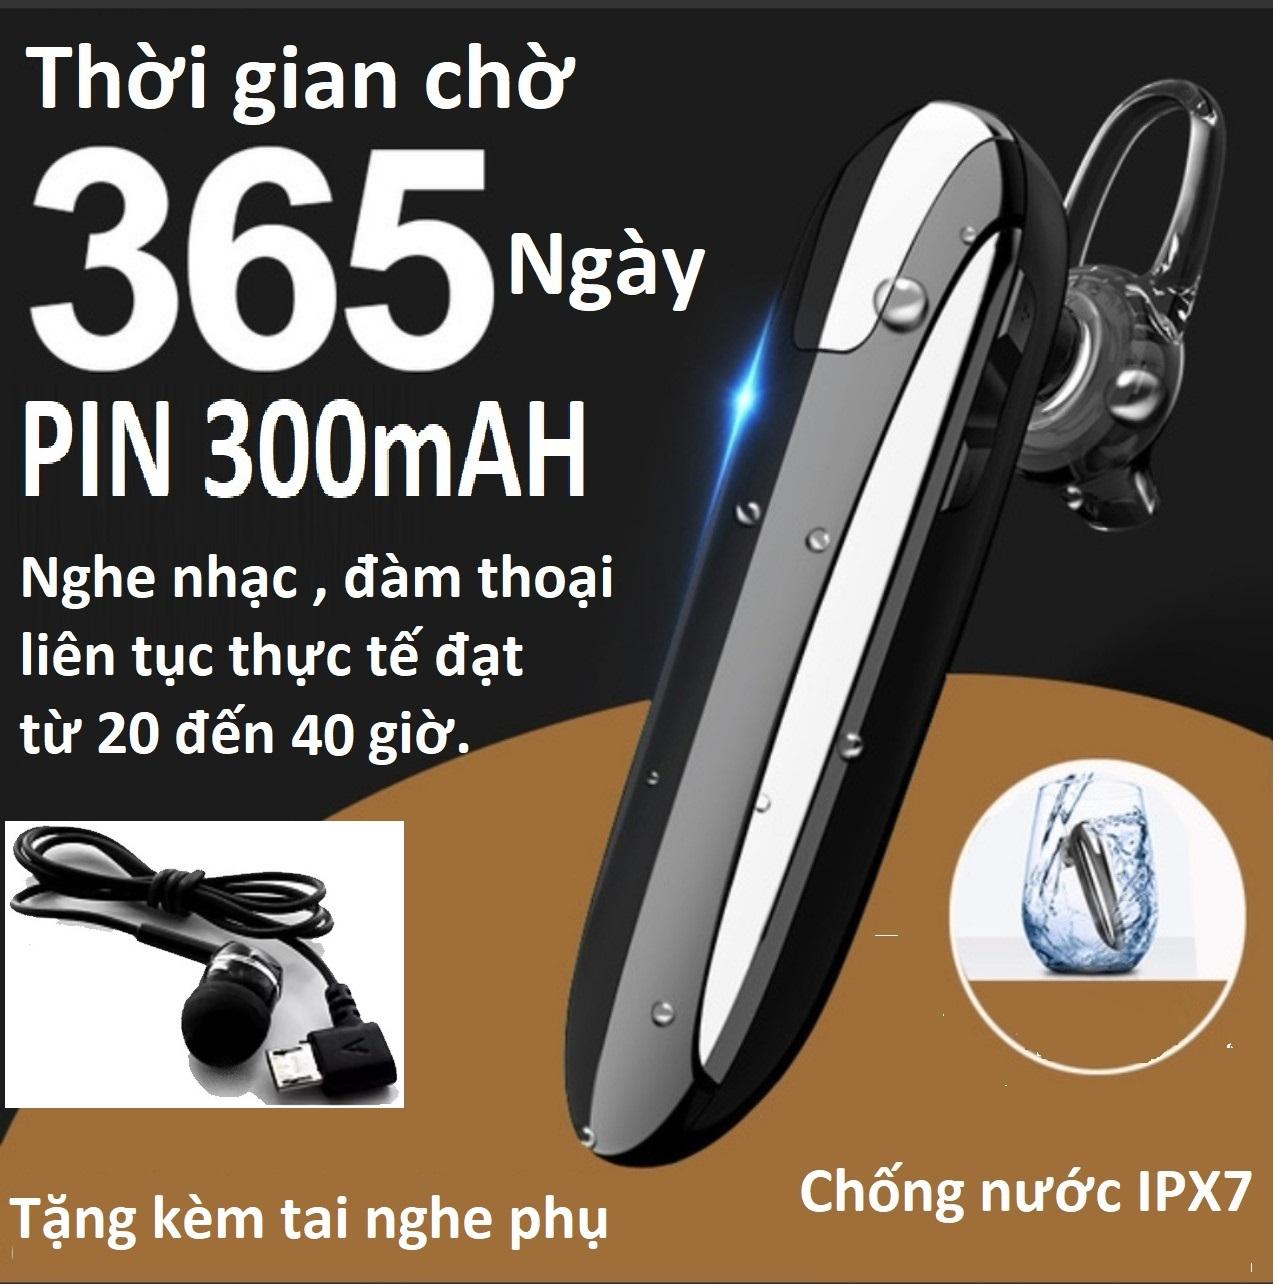 Tai nghe bluetooth Y8 chip 4.1.Tai nghe bluetooth khong day X8 chip 5.0 ,kết nối 2 điện thoại, chống nước , pin 300mAh,chờ dài 90 ngày, nghe nhạc 28 giờ, đàm thoại 32 giờ .